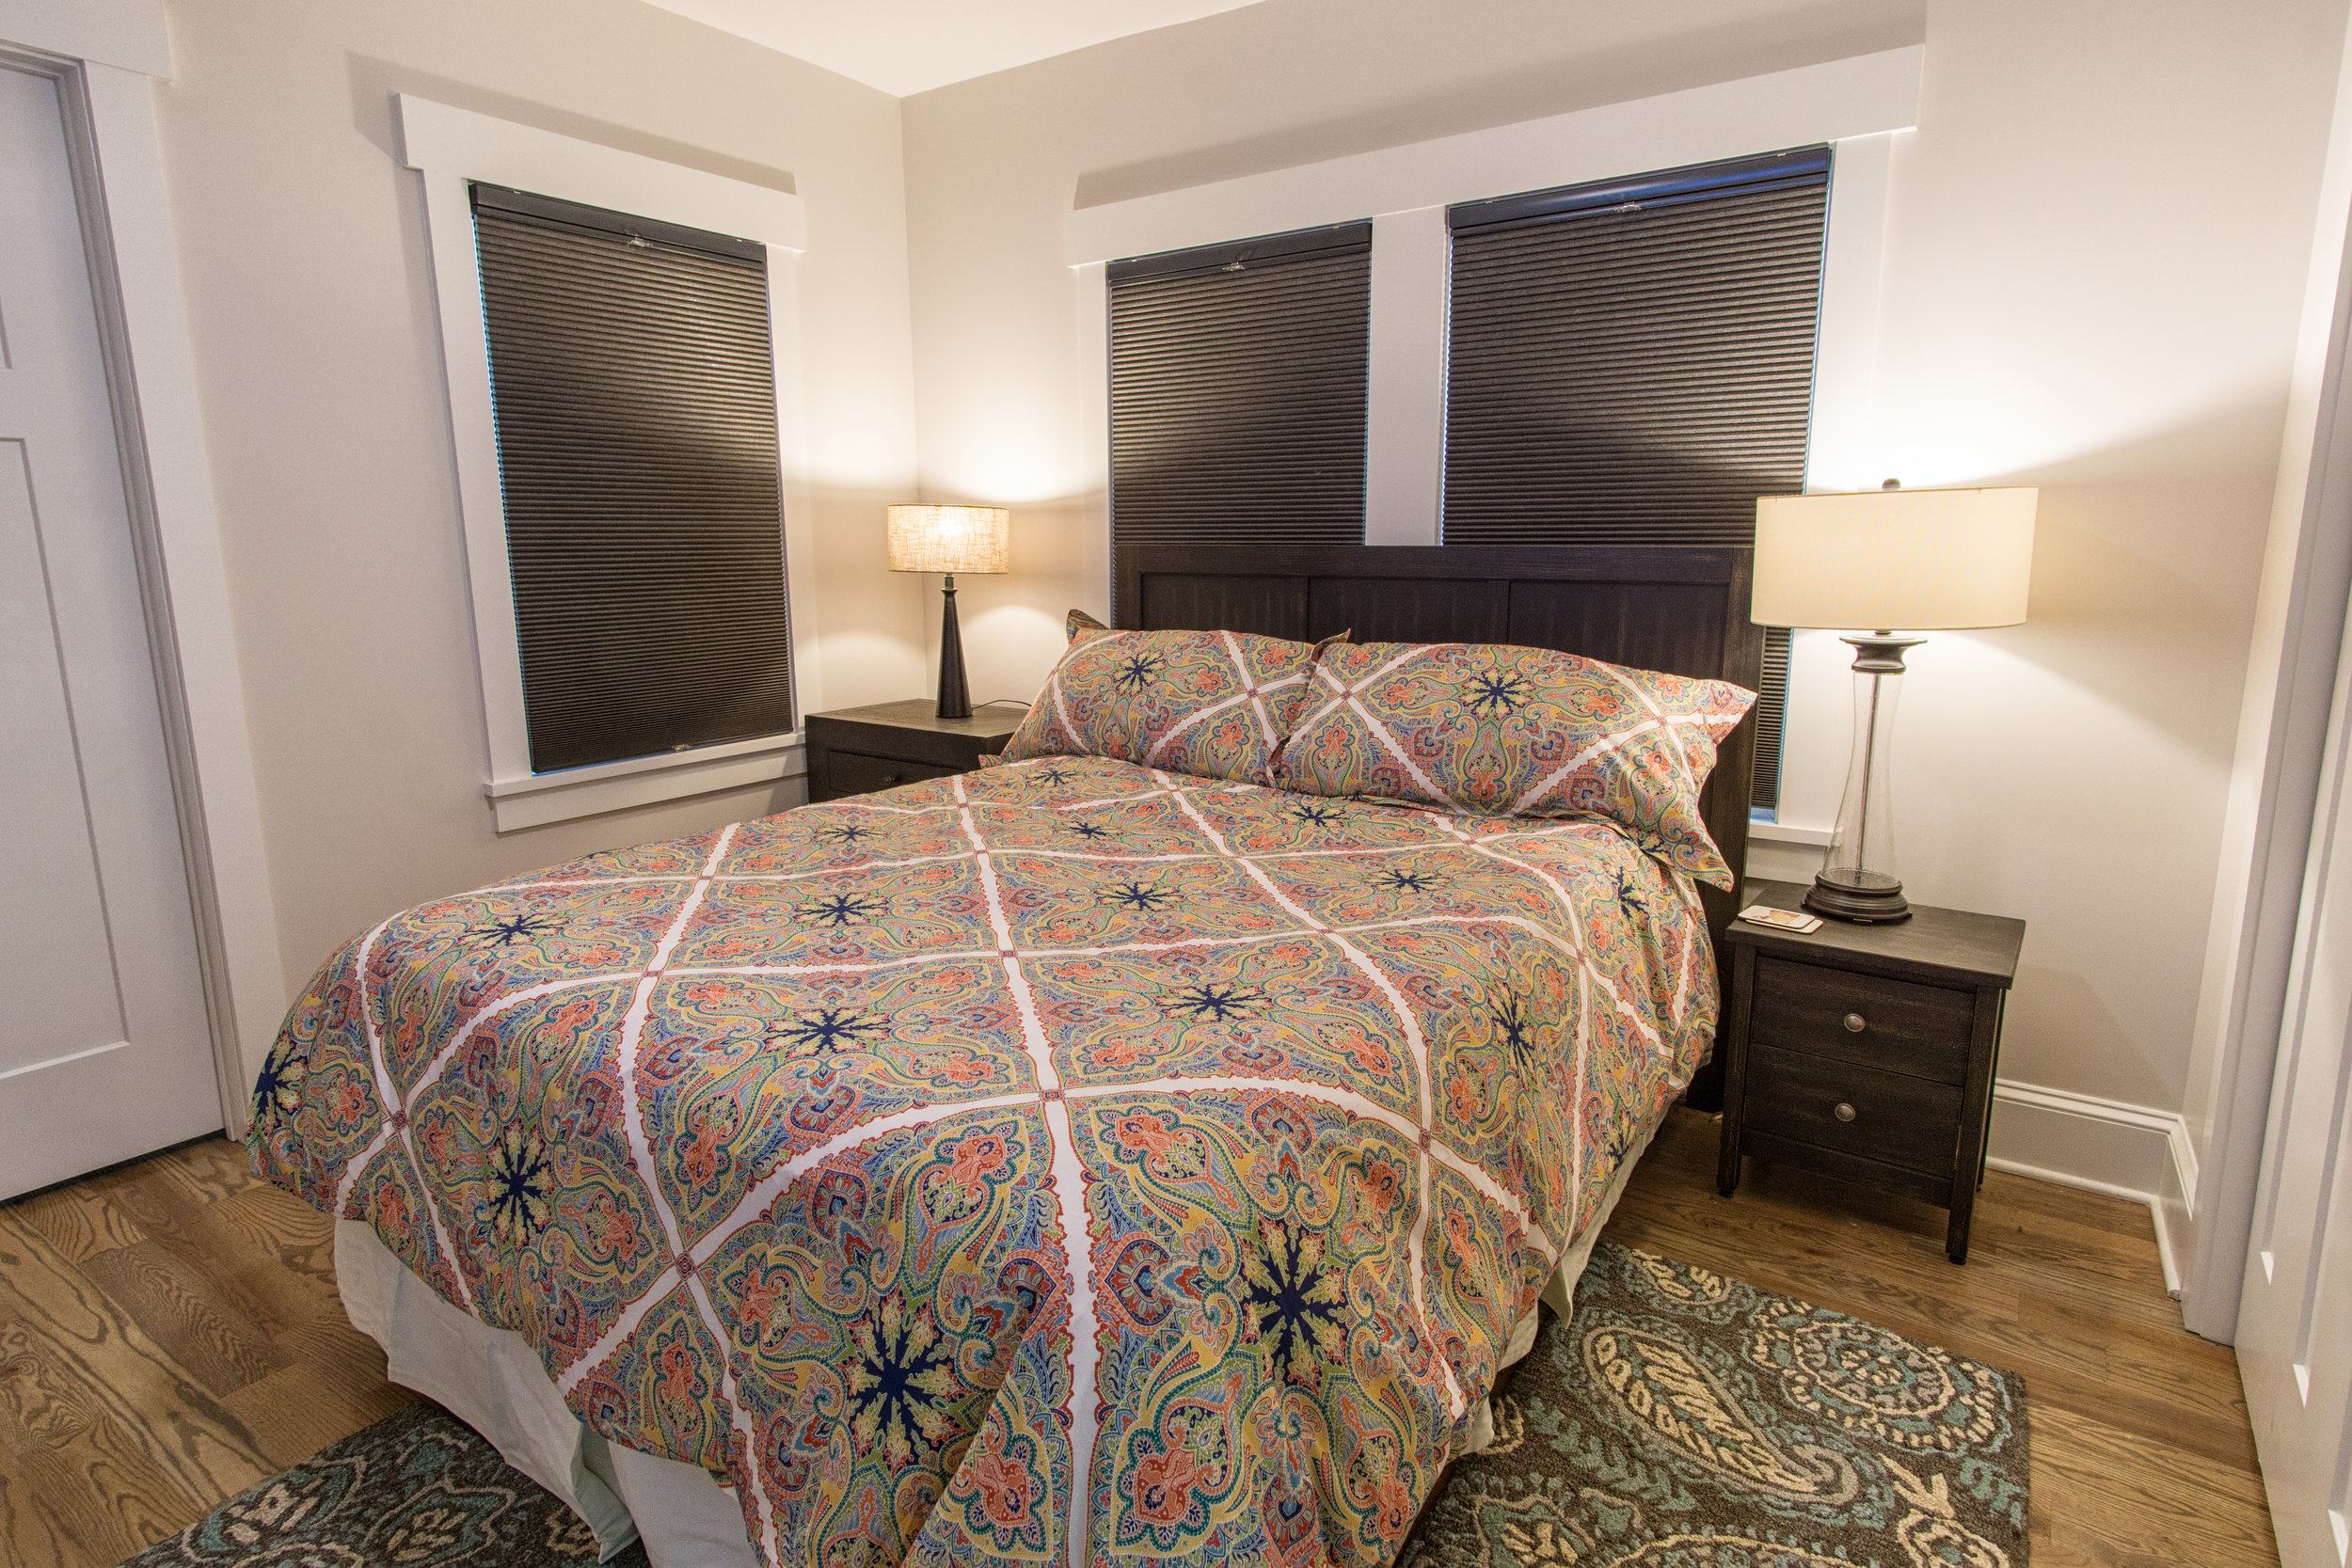 Bed & Bath - Cozy, Warm, & Simplistic.